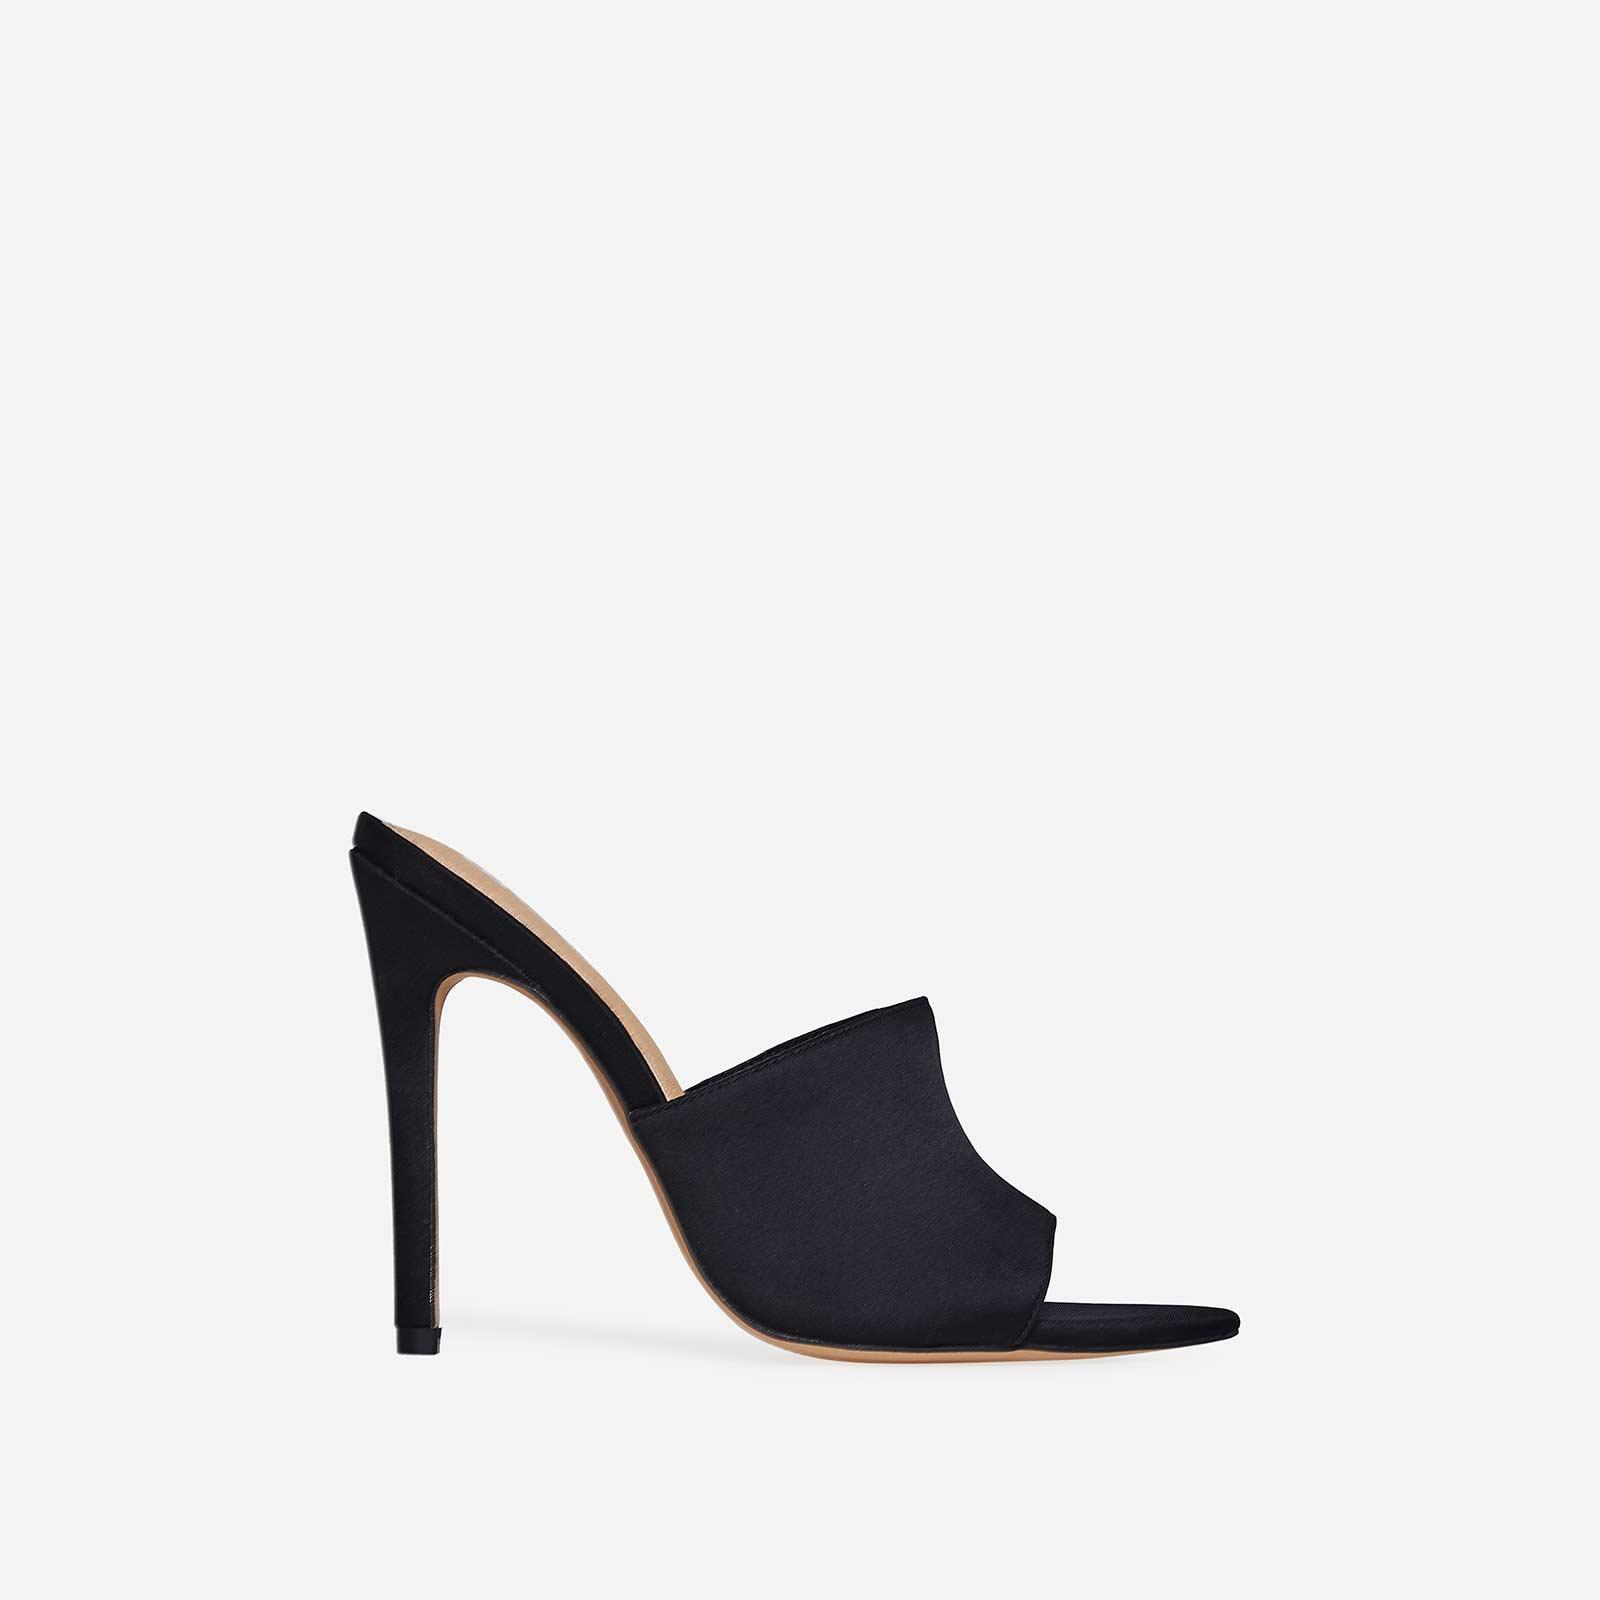 Briana Pointed Peep Toe Mule In Black Lycra